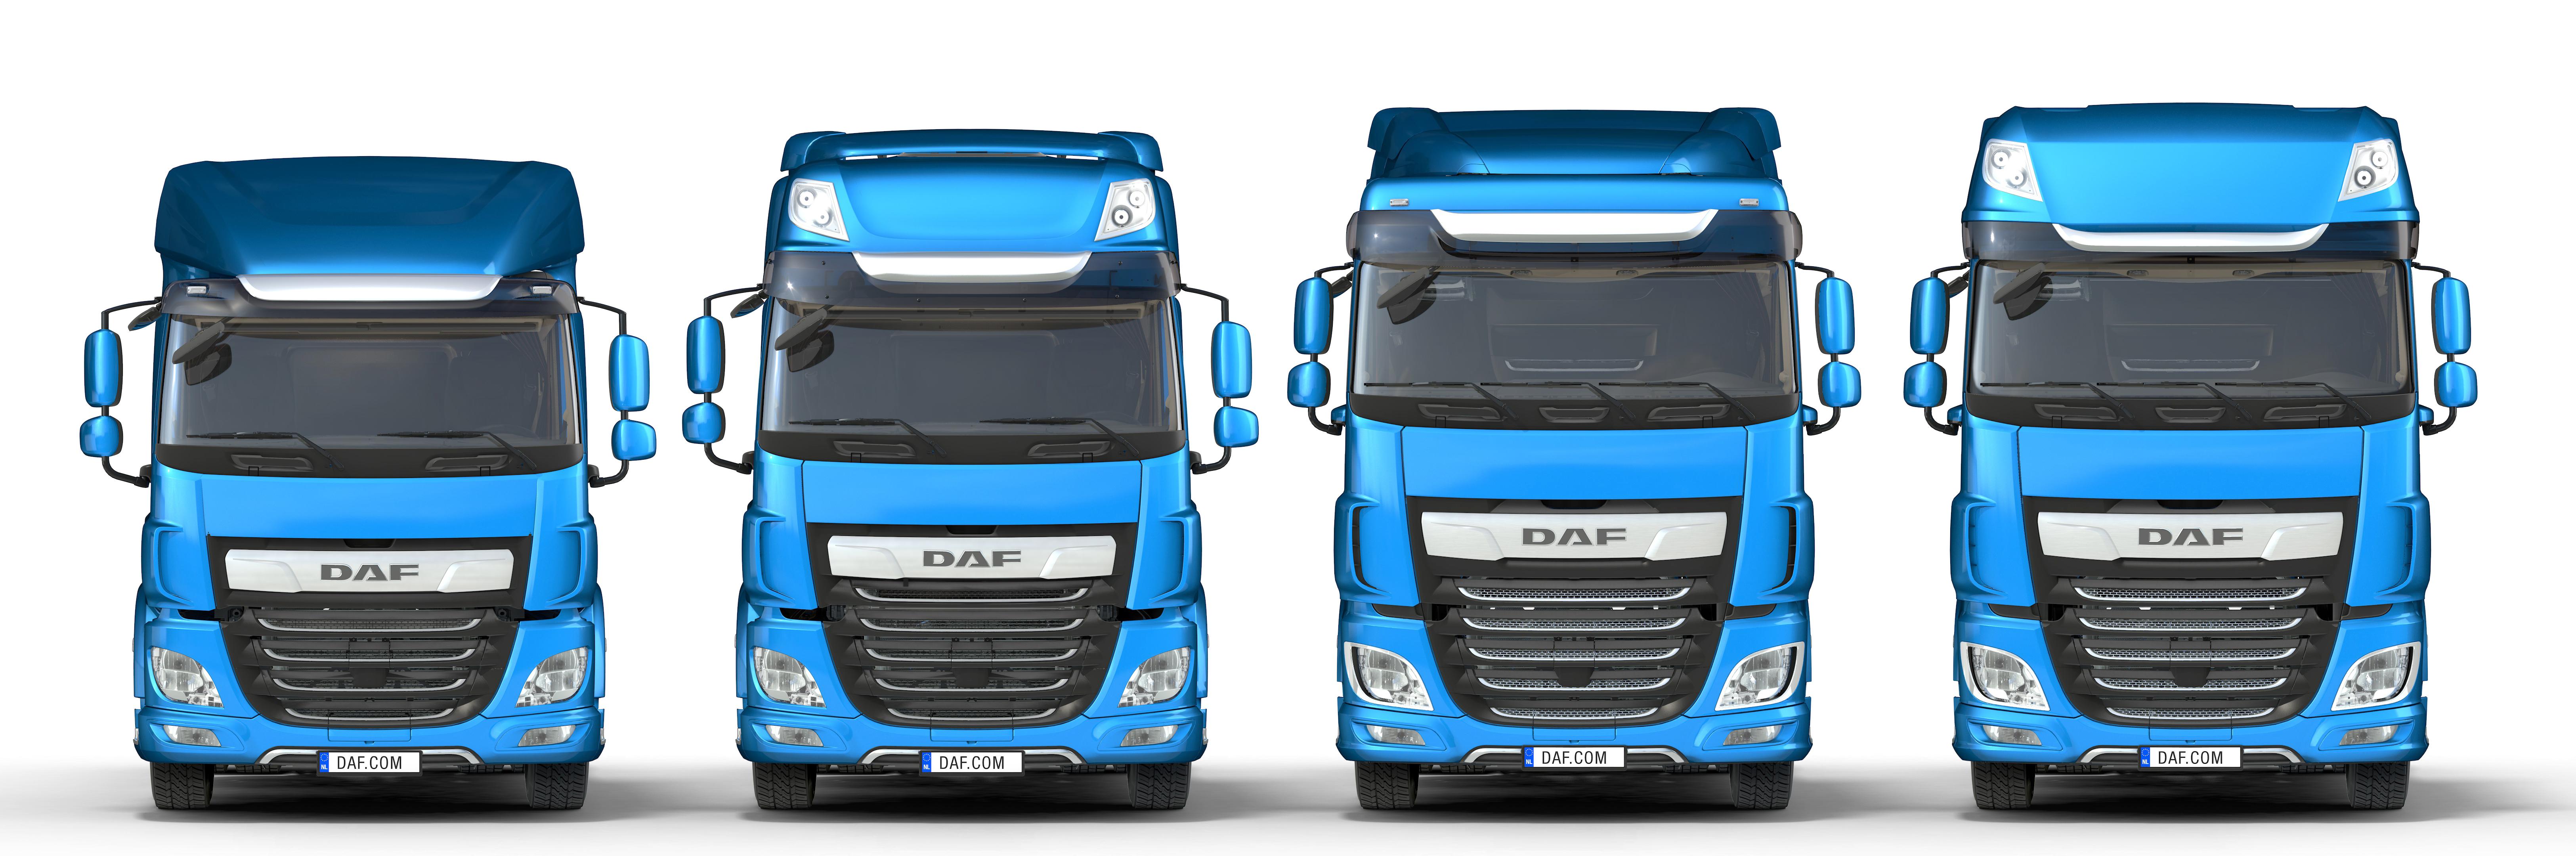 Daf Mediabank Daf Corporate